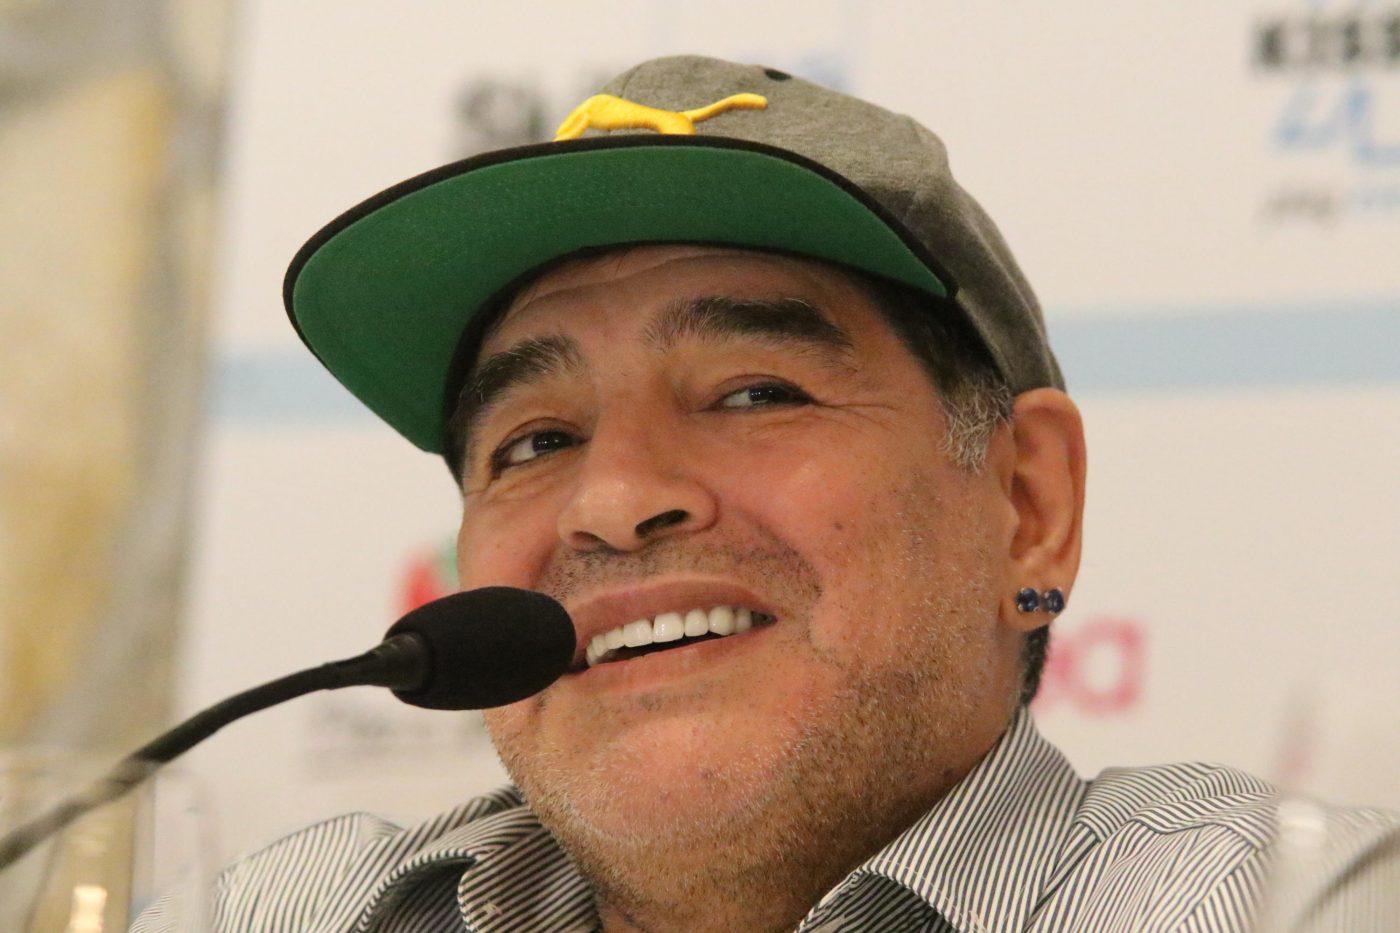 Addio a Maradona, l'ultima intervista: il sogno che voleva realizzare